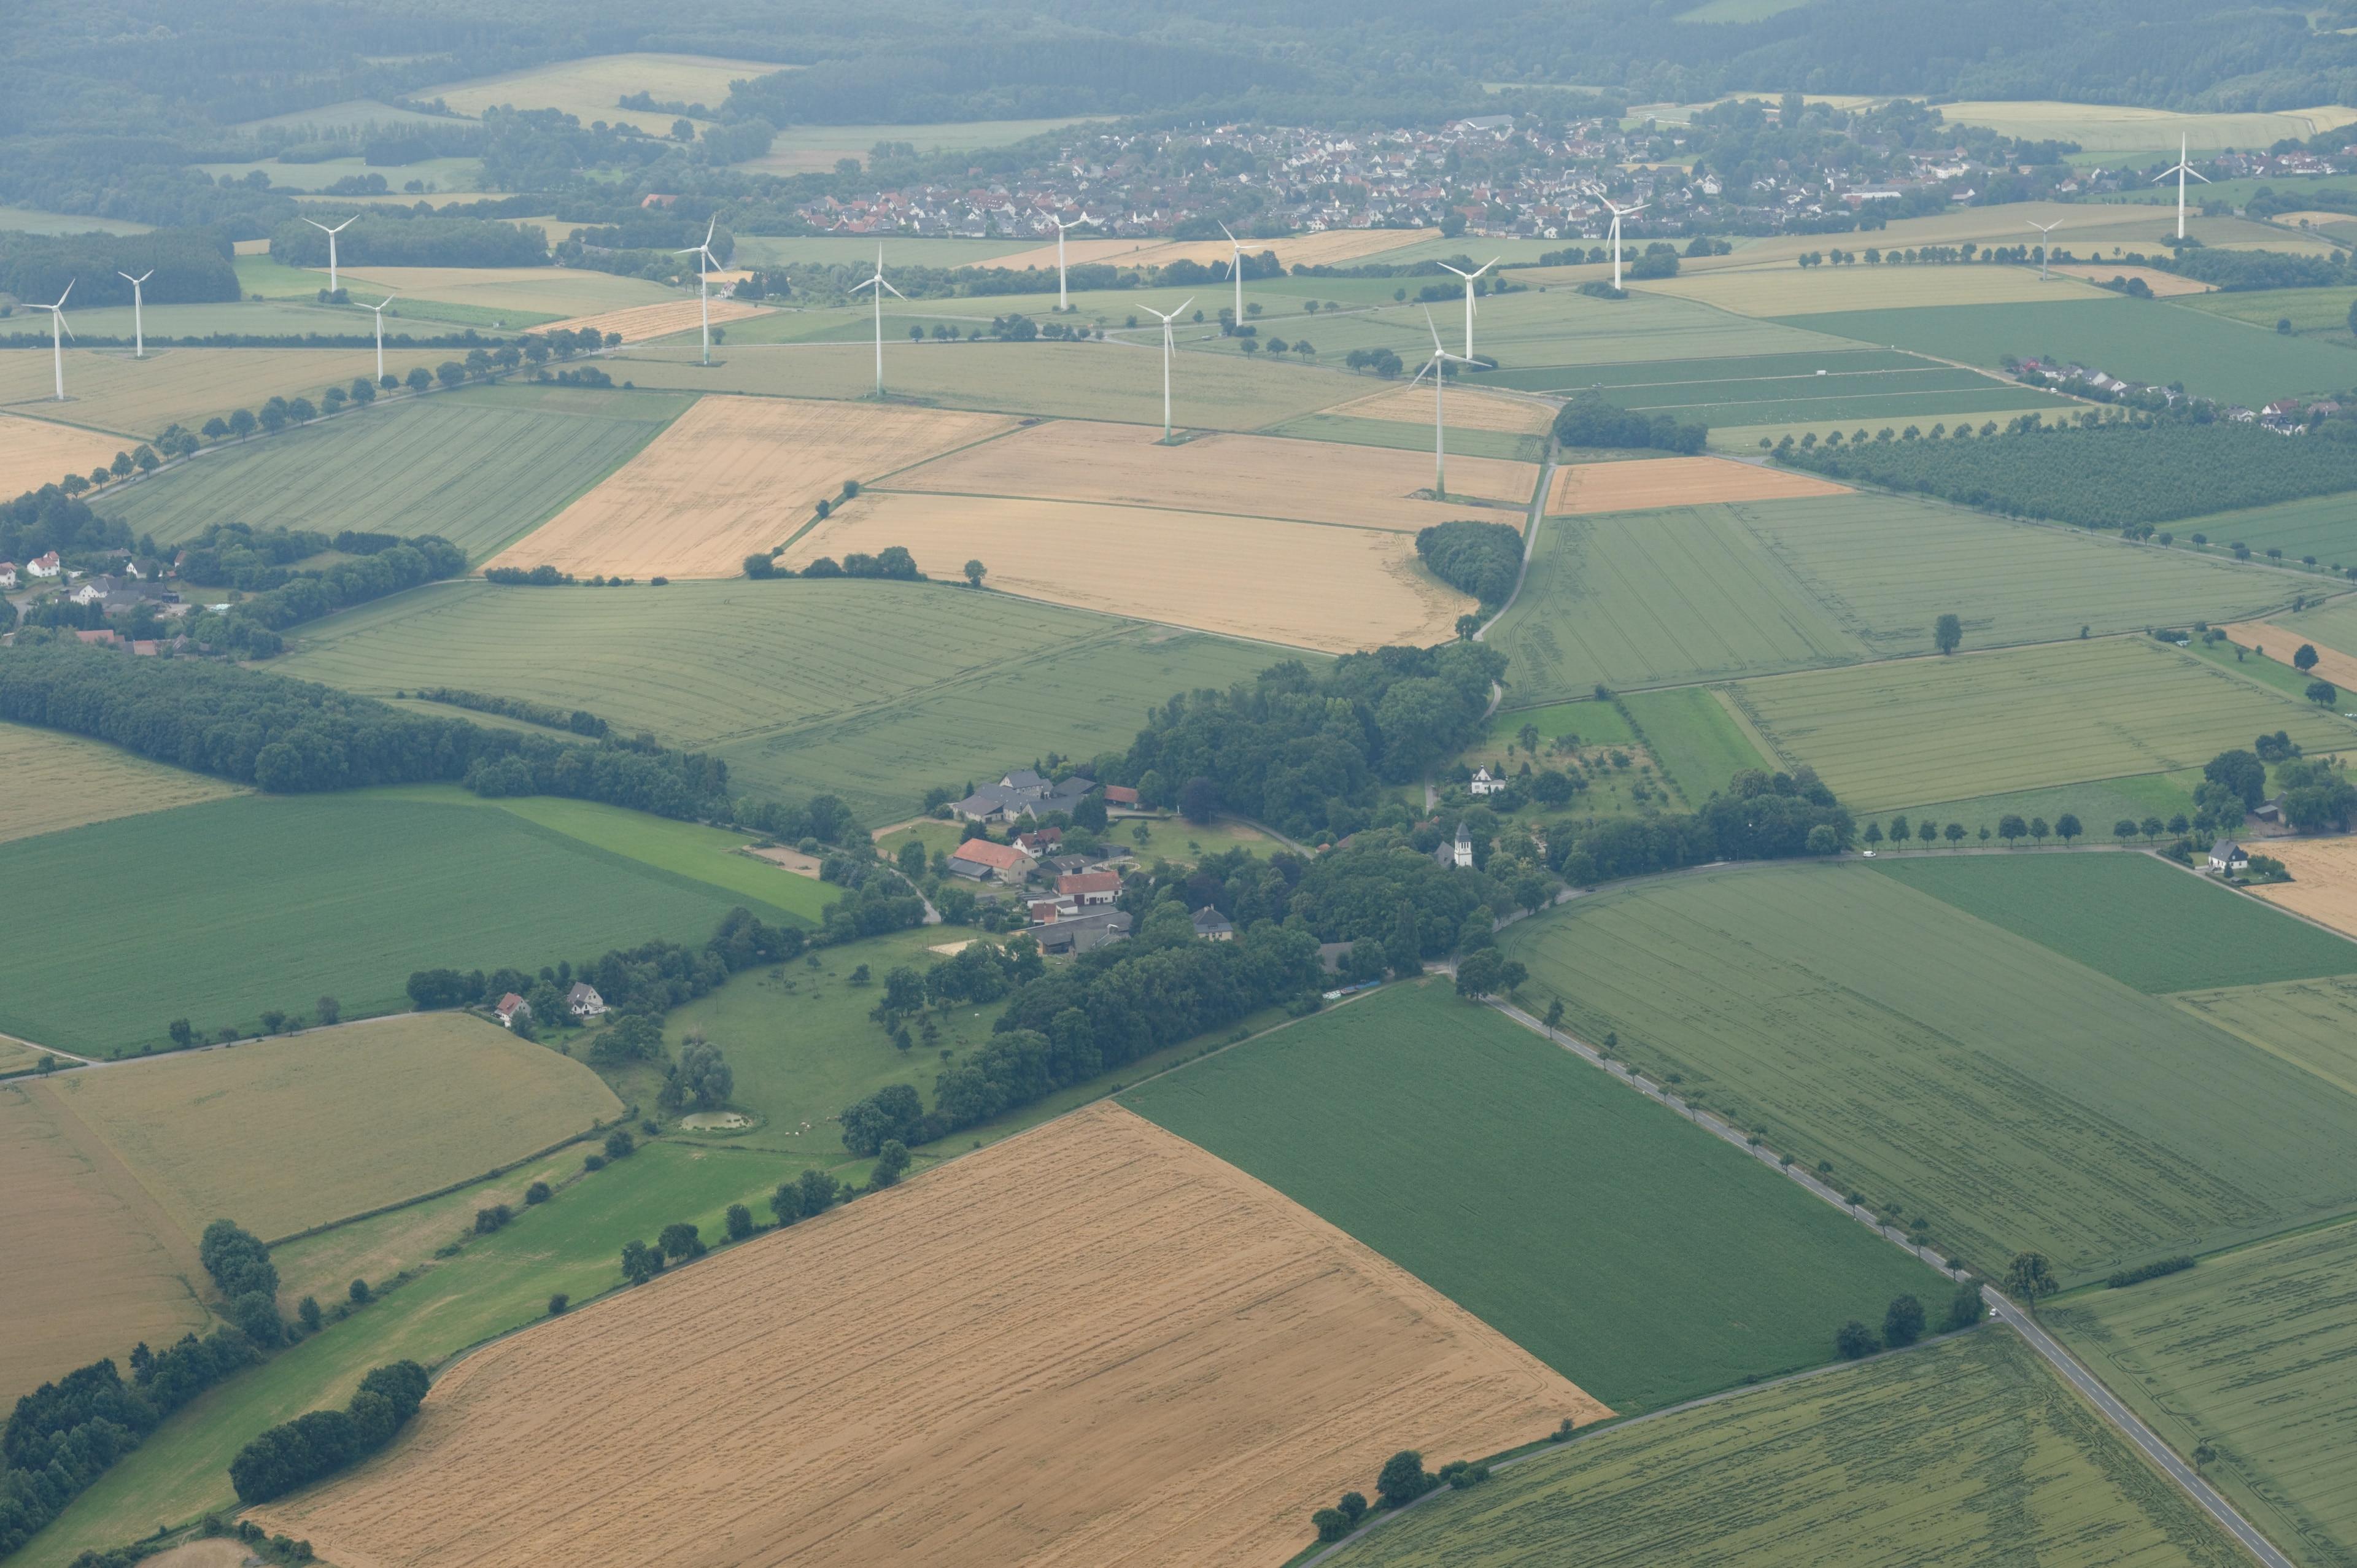 Soest, North Rhine-Westphalia, Germany